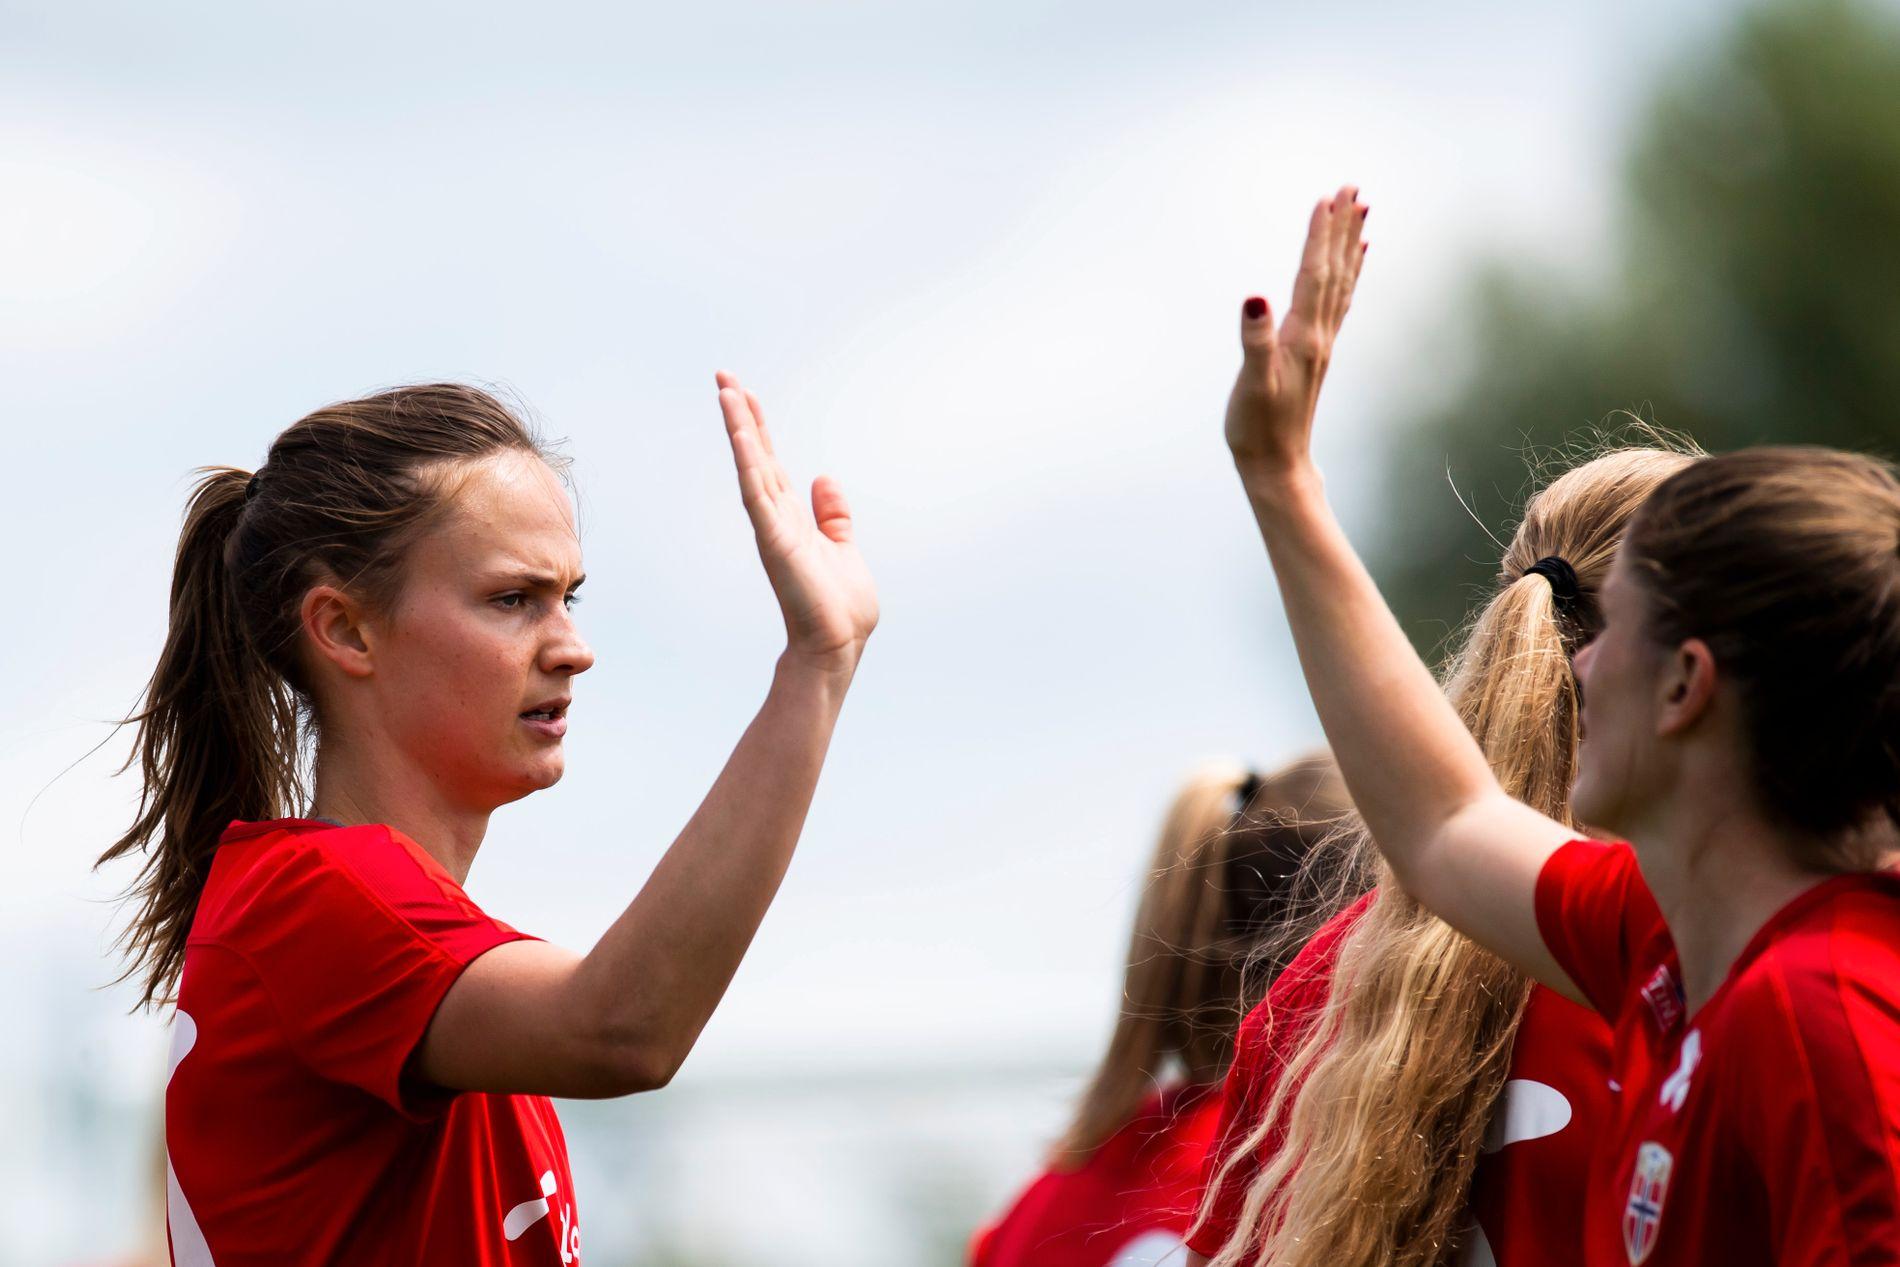 KVINNEFOTBALL: Maren Mjelde har tidligere oppfordret moderklubben sin om å gå inn i SK Brann med damelaget. Politikere har gjort det samme. Ingenting skjer, skriver Synnøve T. Stub.